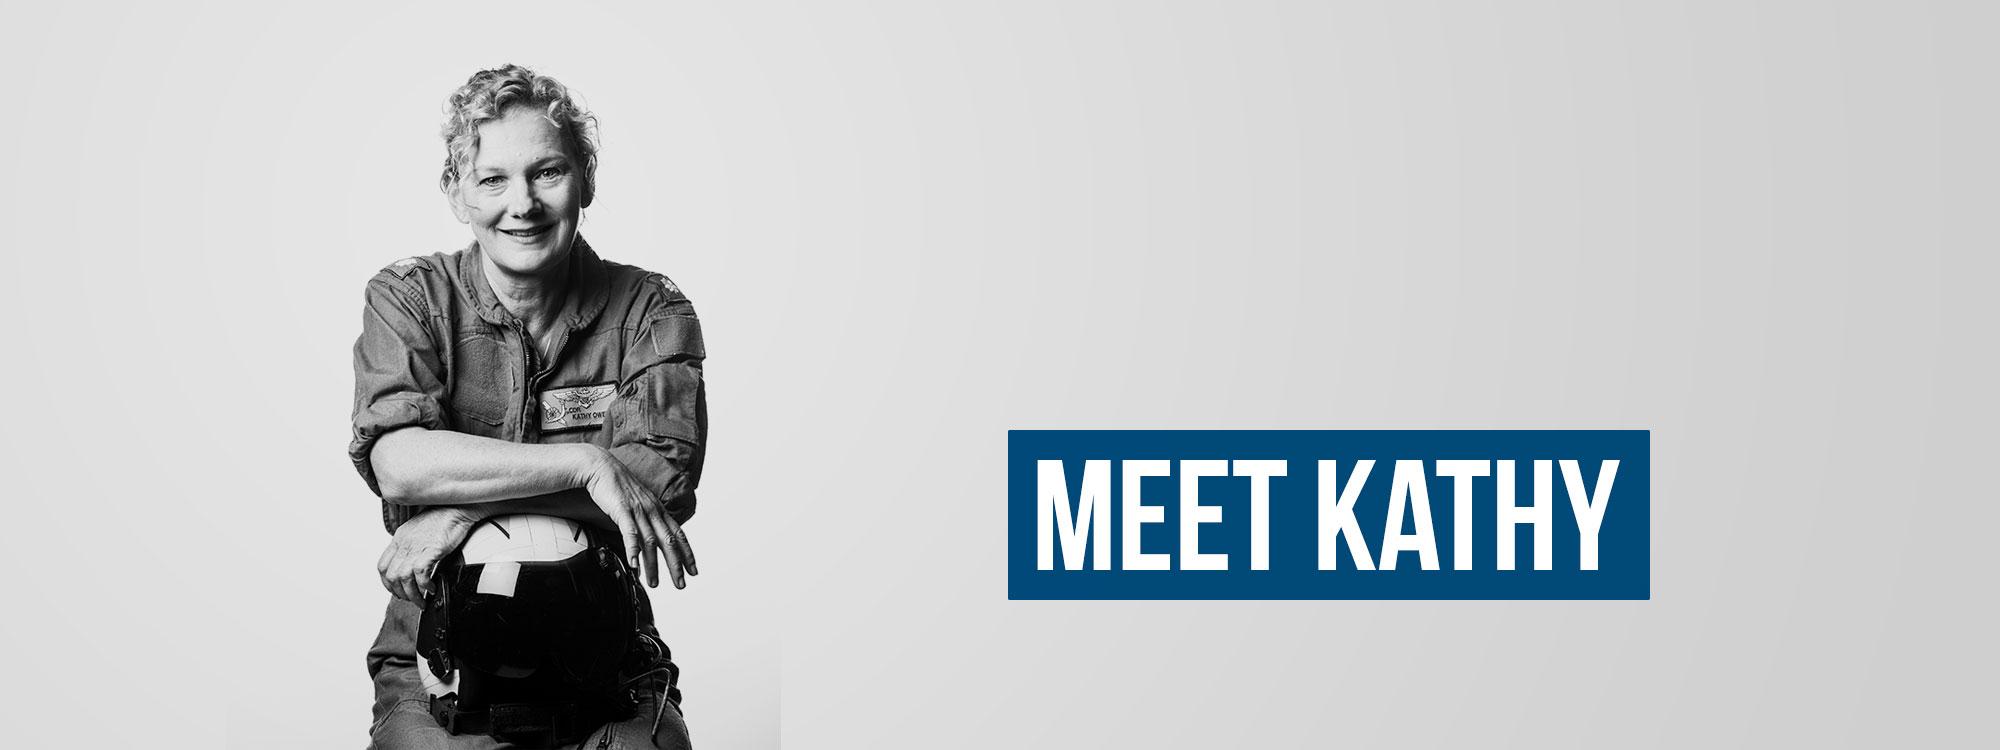 Meet Kathy